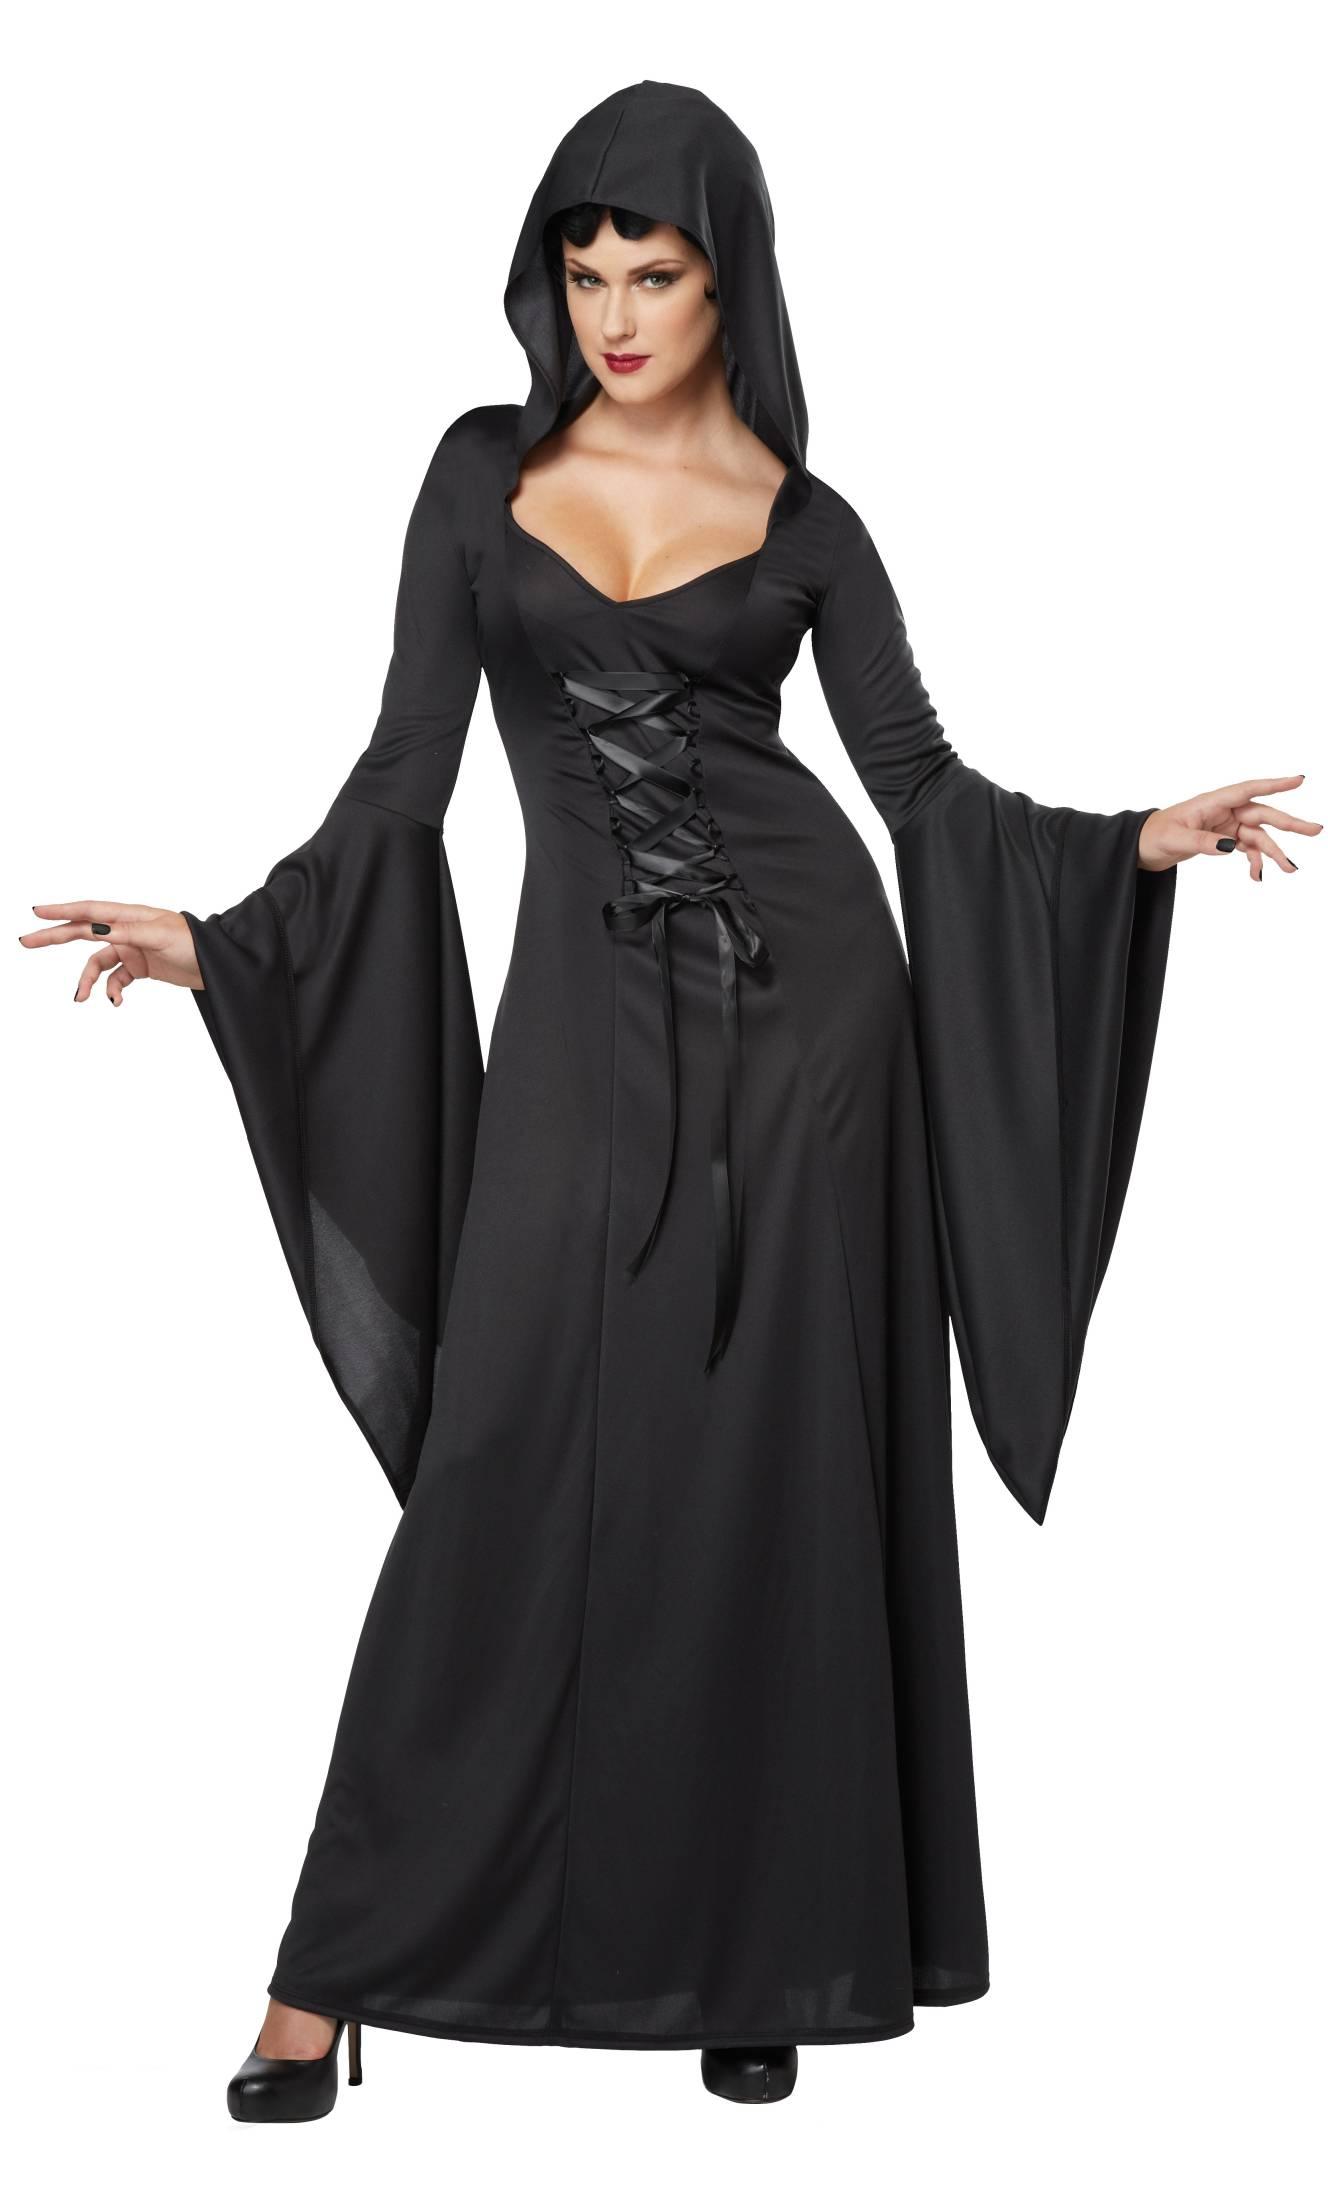 Costume-Sorcière-Maudite-noire